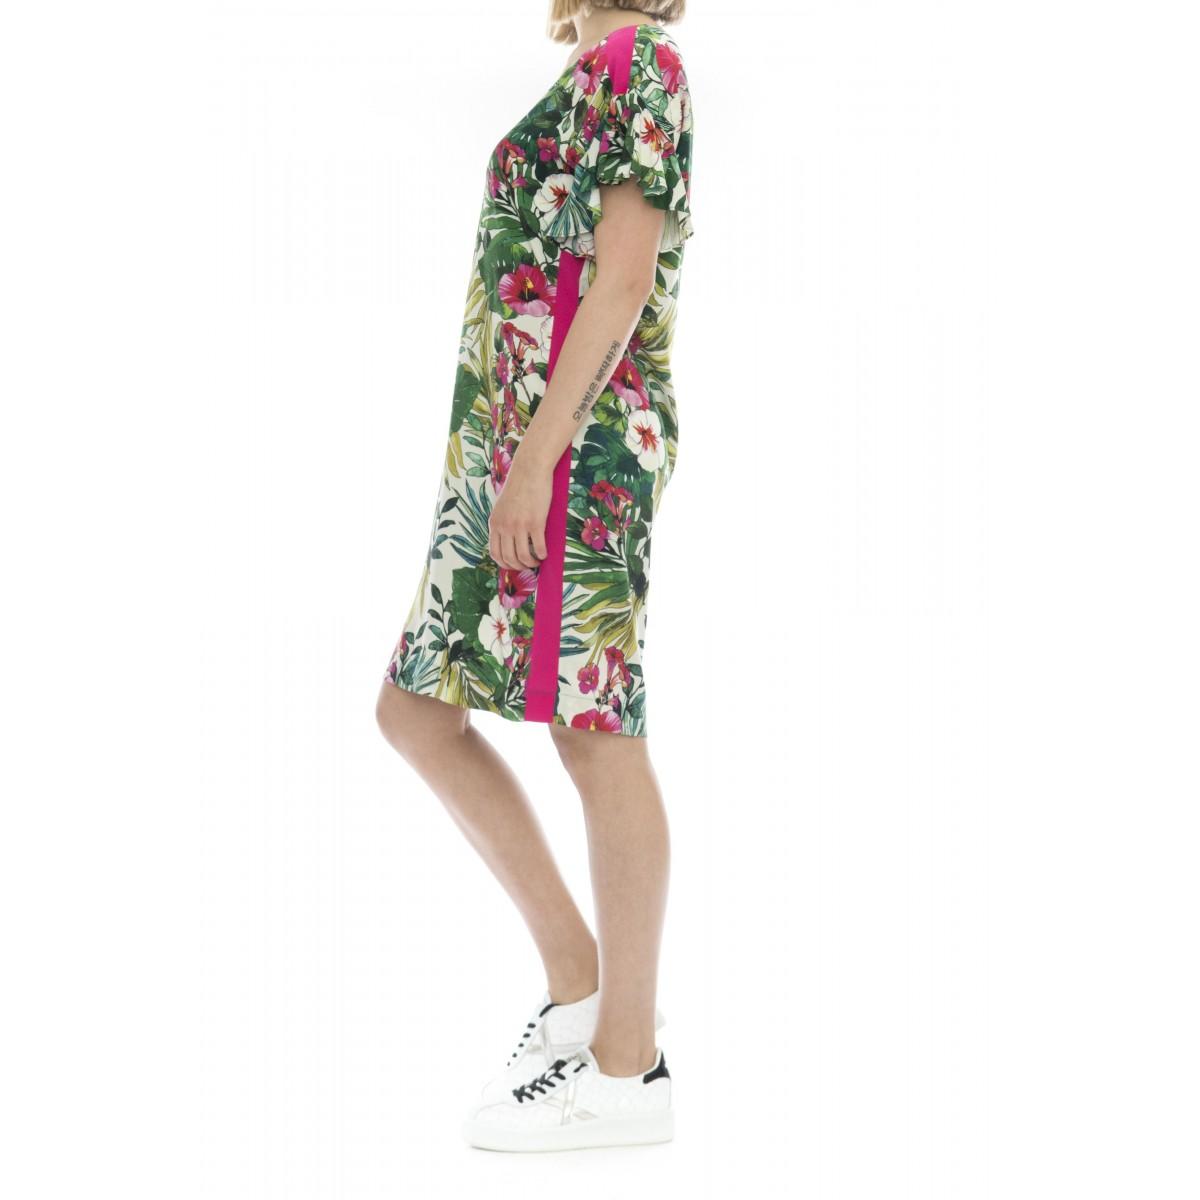 Vestito - Kristin vestito tunica fiori